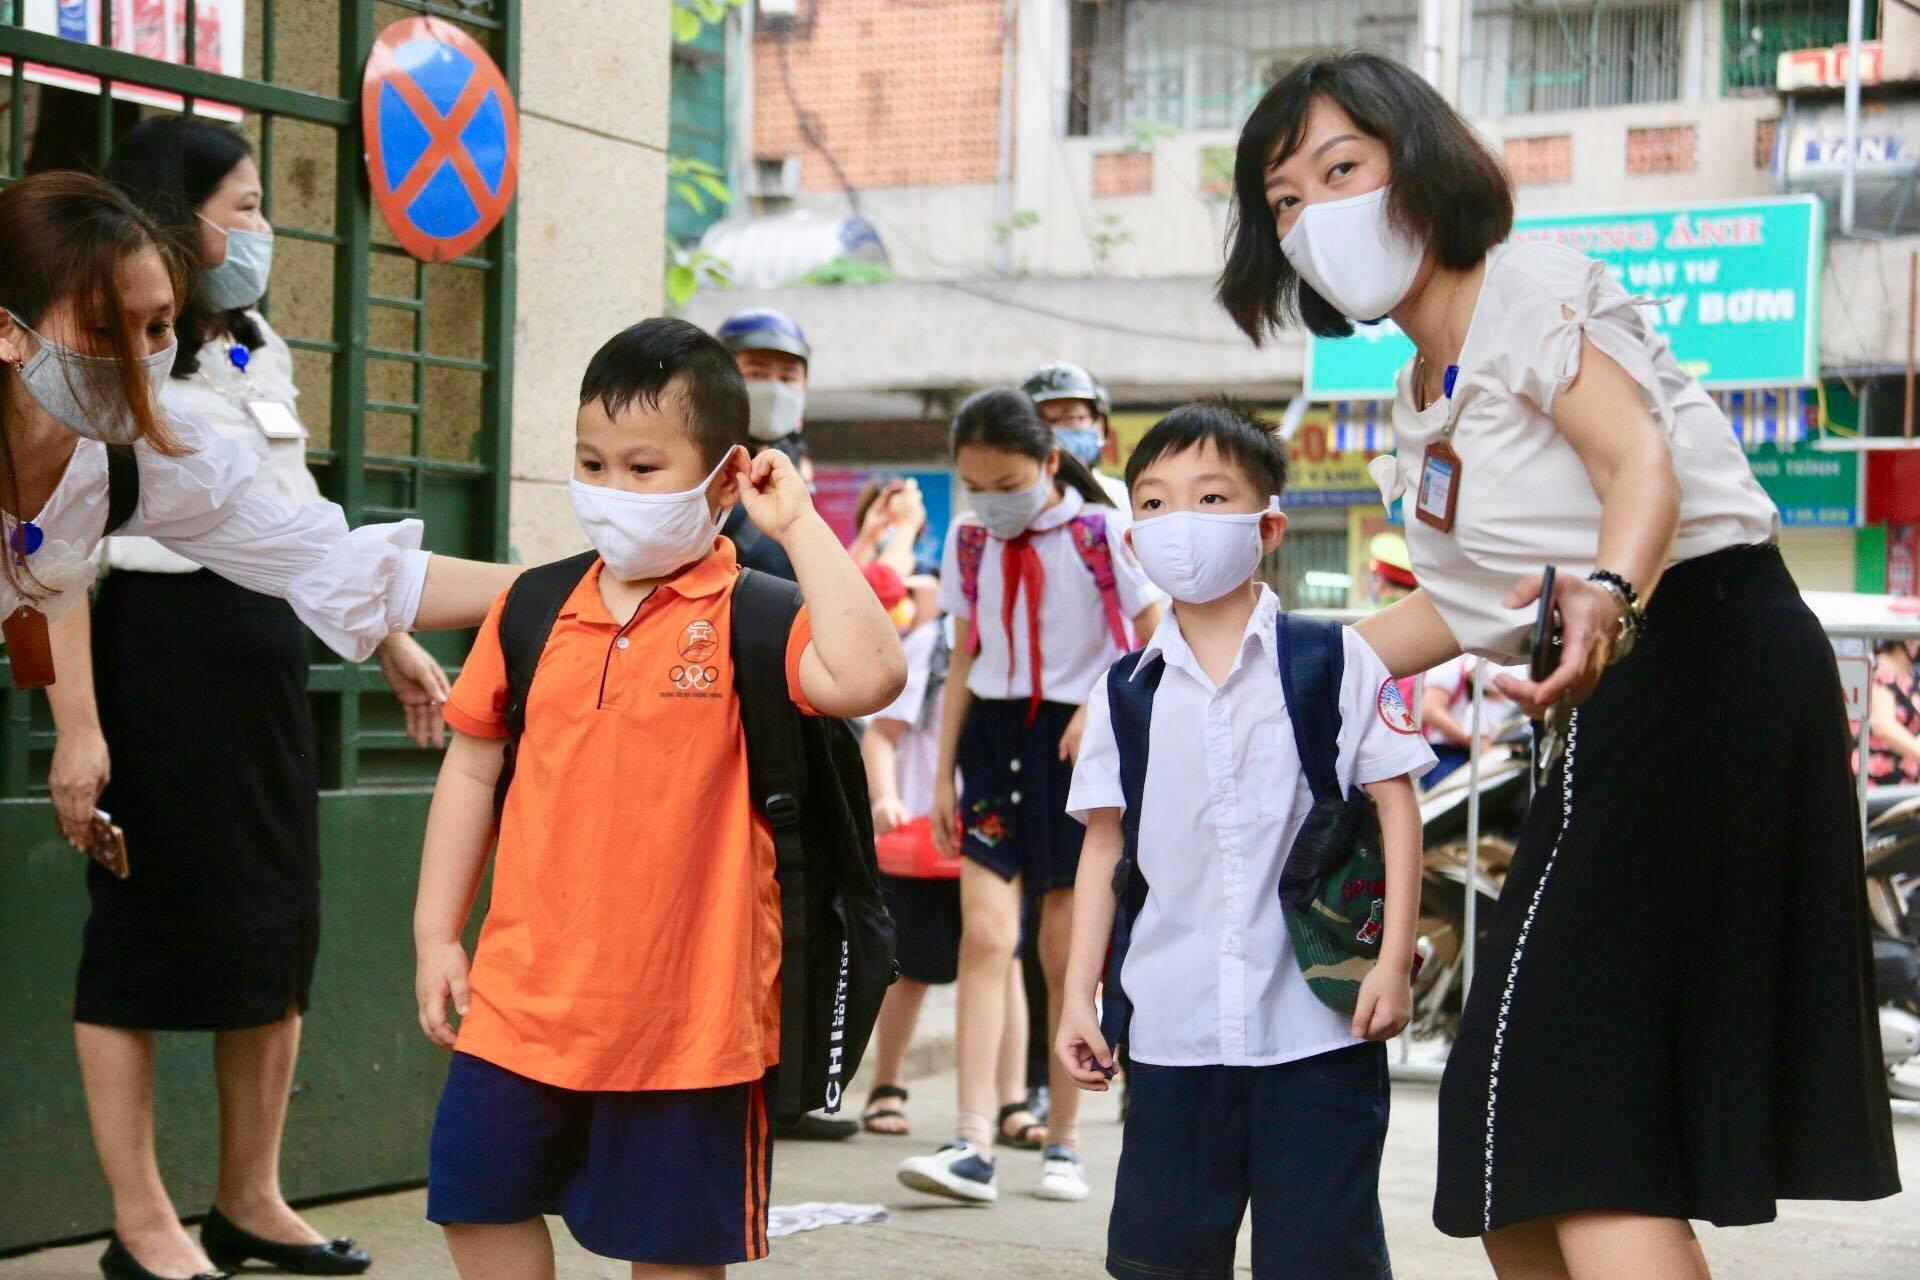 Học sinh mầm non, tiểu học Hà Nội đi học trở lại: Nhiều em ngơ ngác quên vị trí lớp học - Ảnh 2